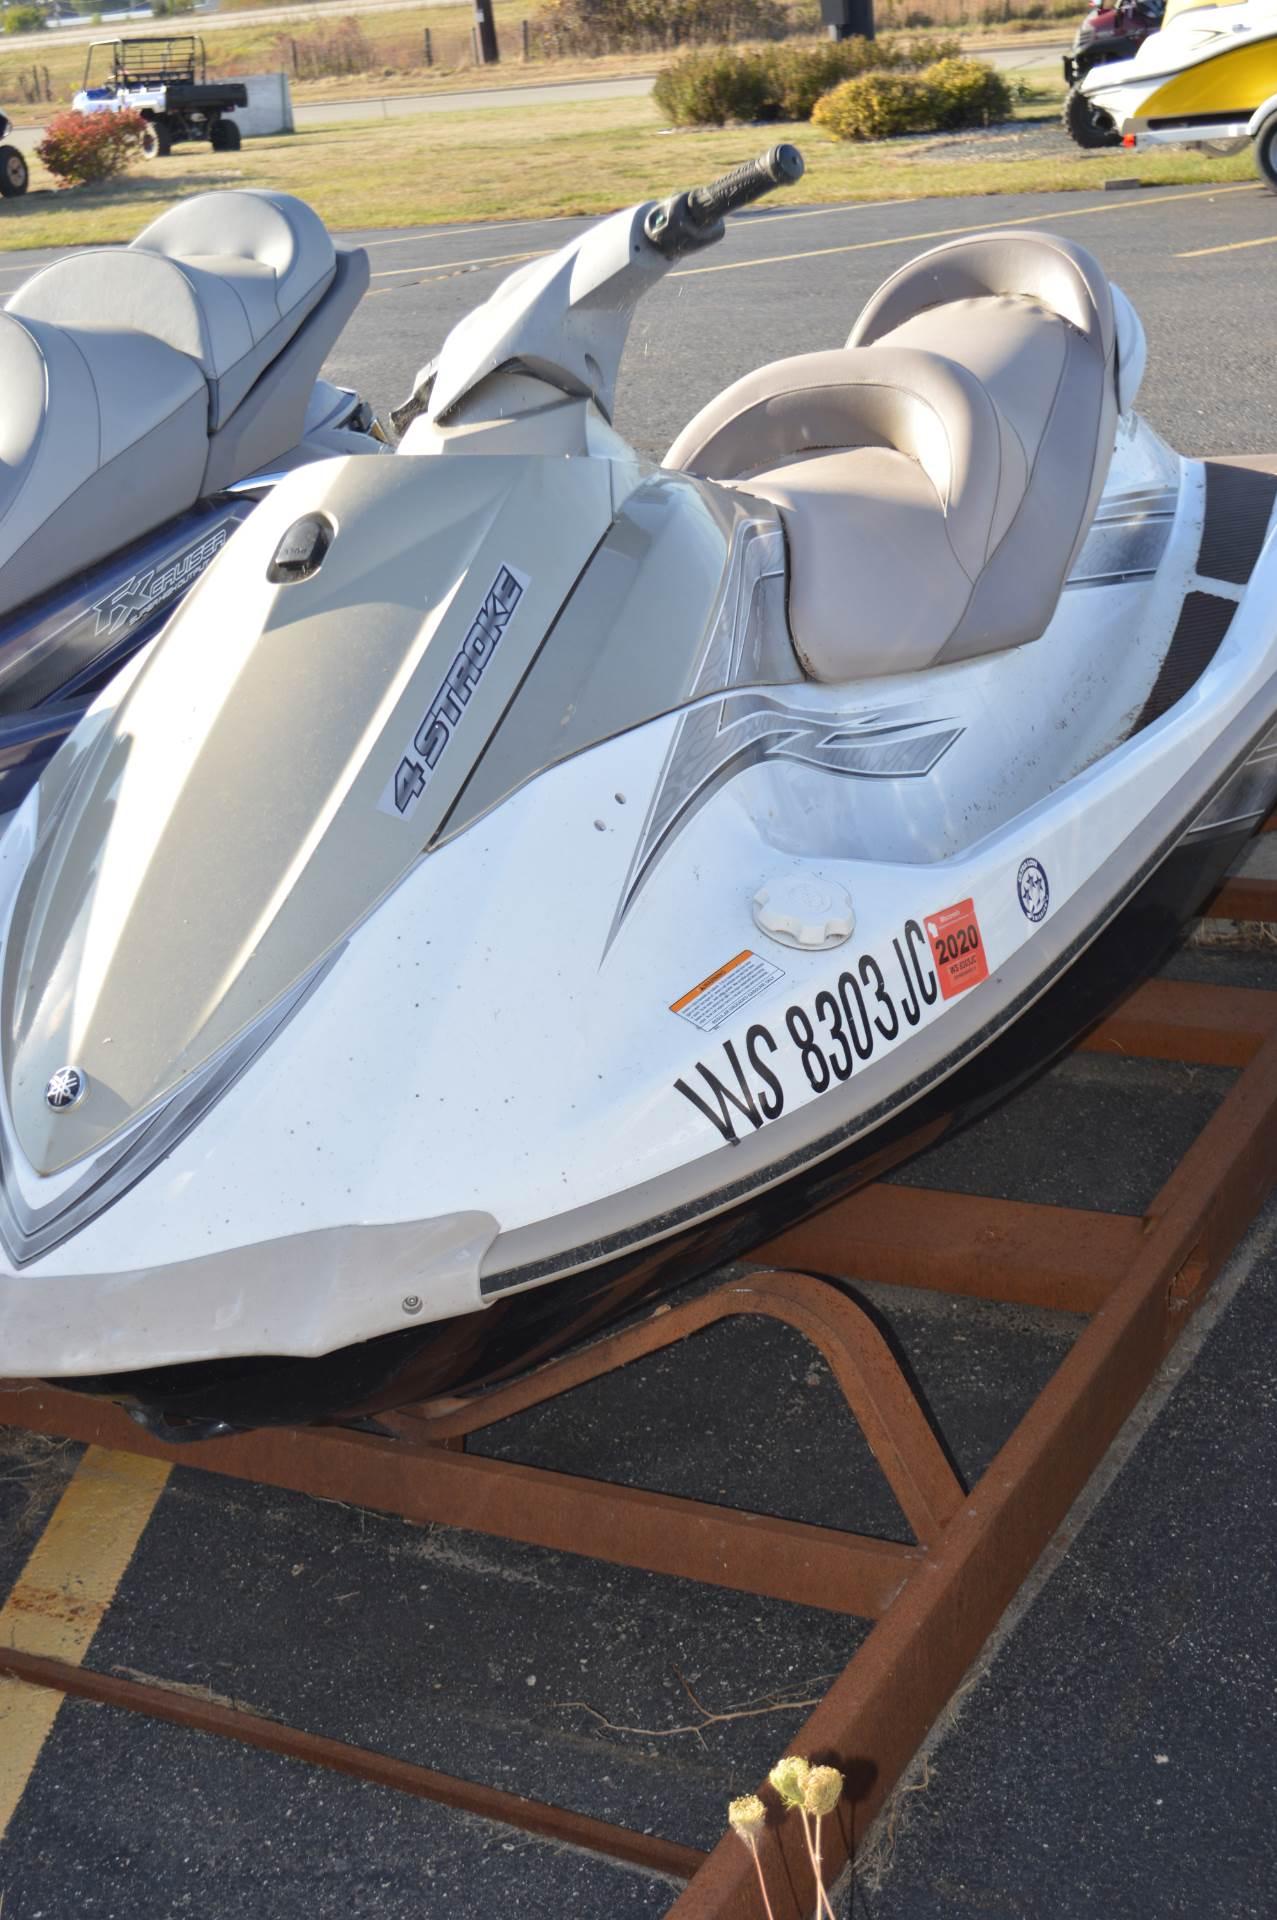 2008 Yamaha VX Cruiser 2